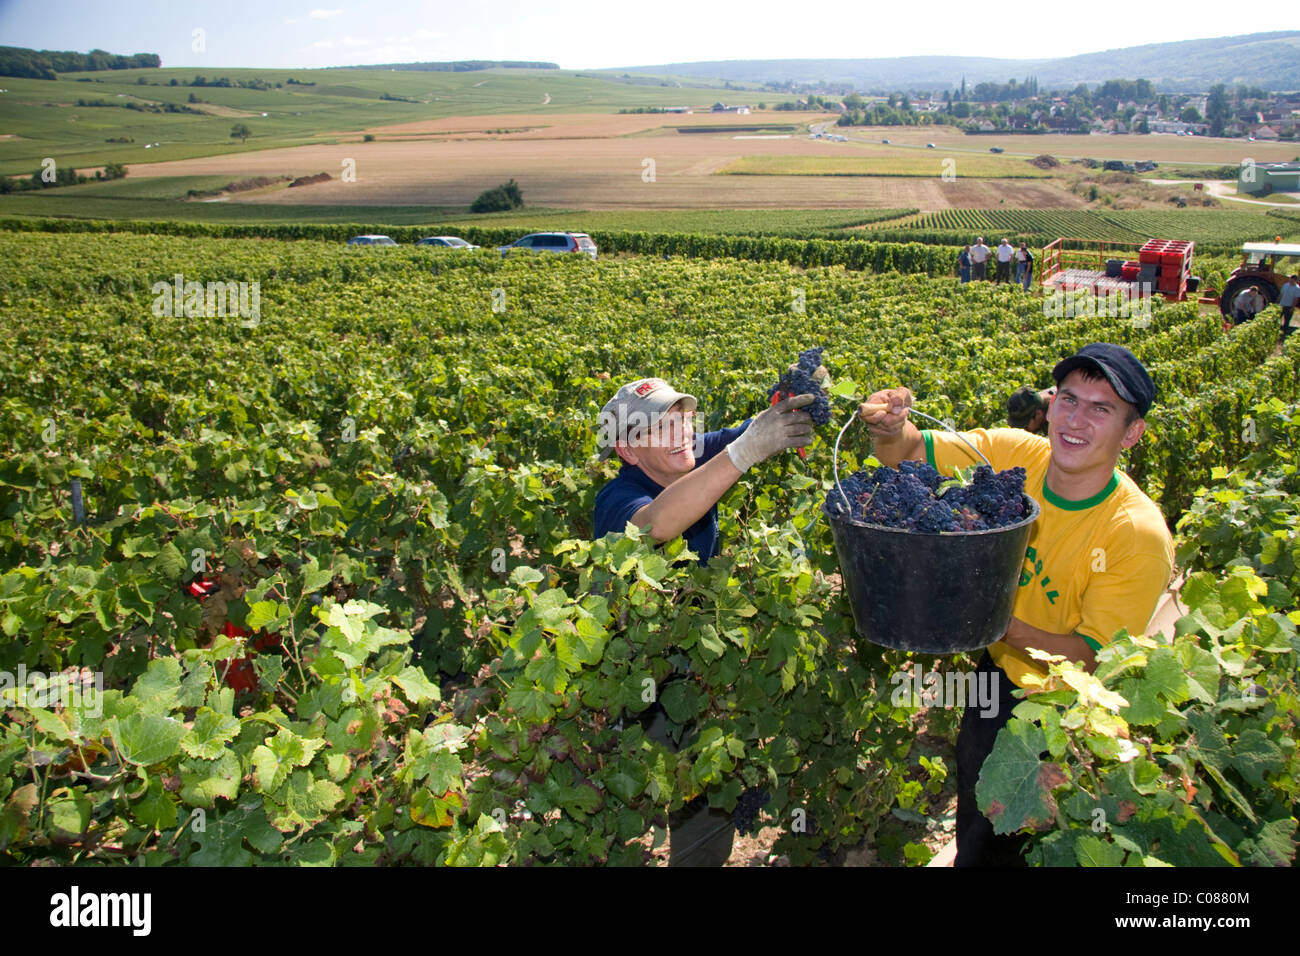 Lavoratori raccolta a mano le uve provenienti da un vigneto nella Champagne provincia del nord-est della Francia. Immagini Stock